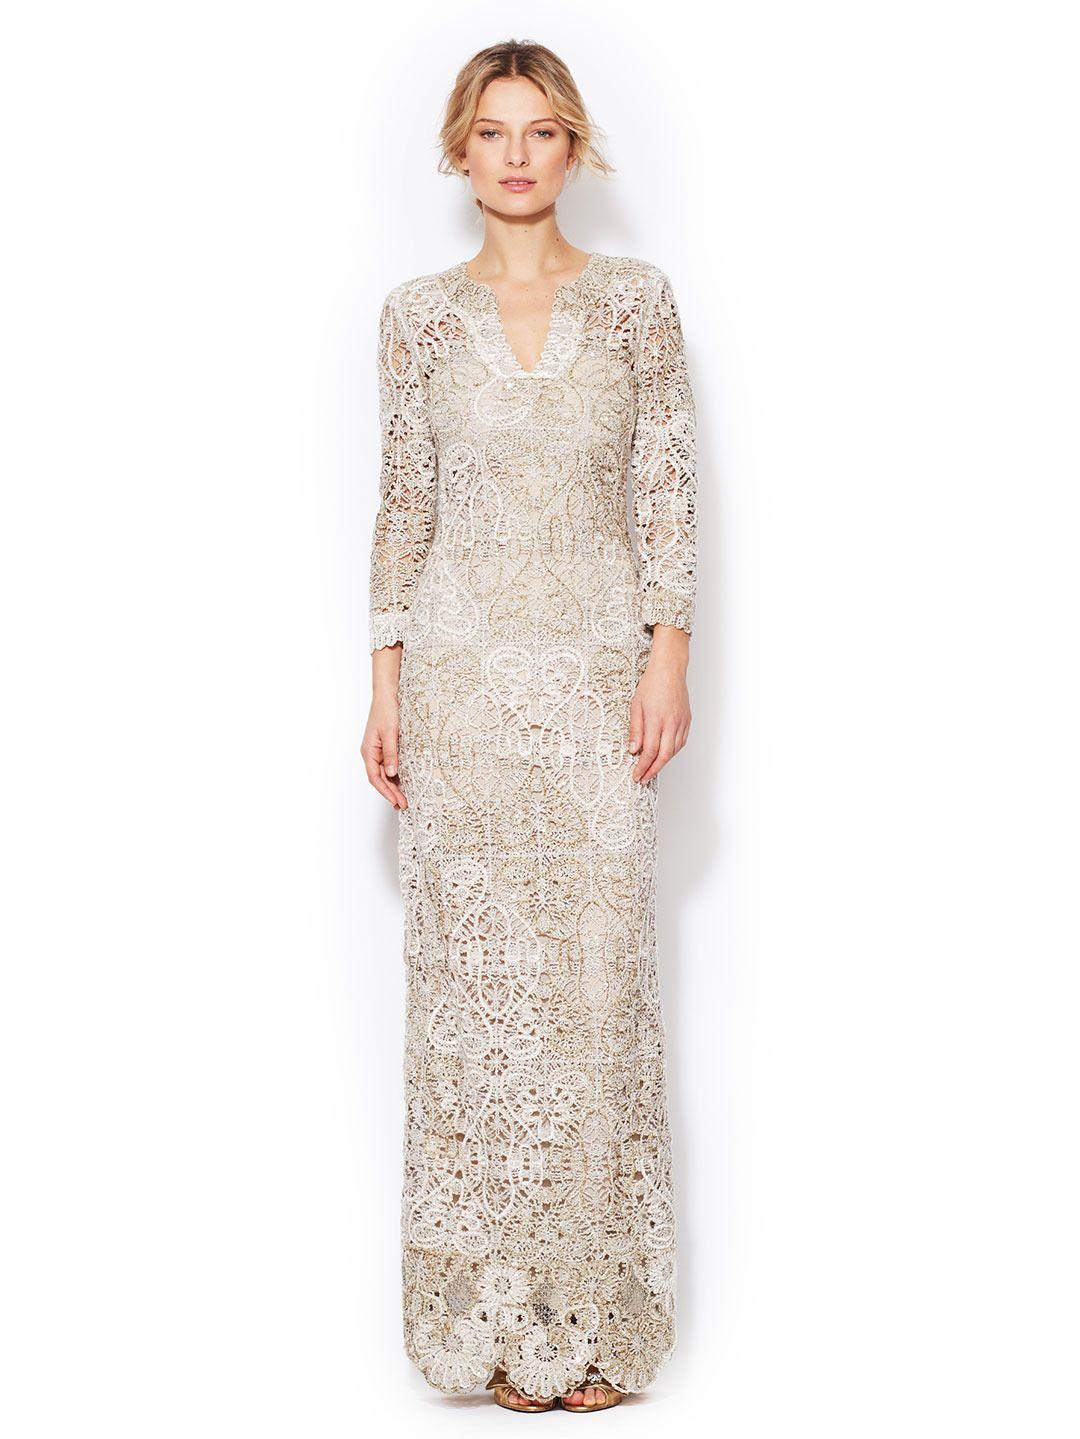 Chenille Knit 3/4 Sleeve Gown by Oscar de la Renta Gowns